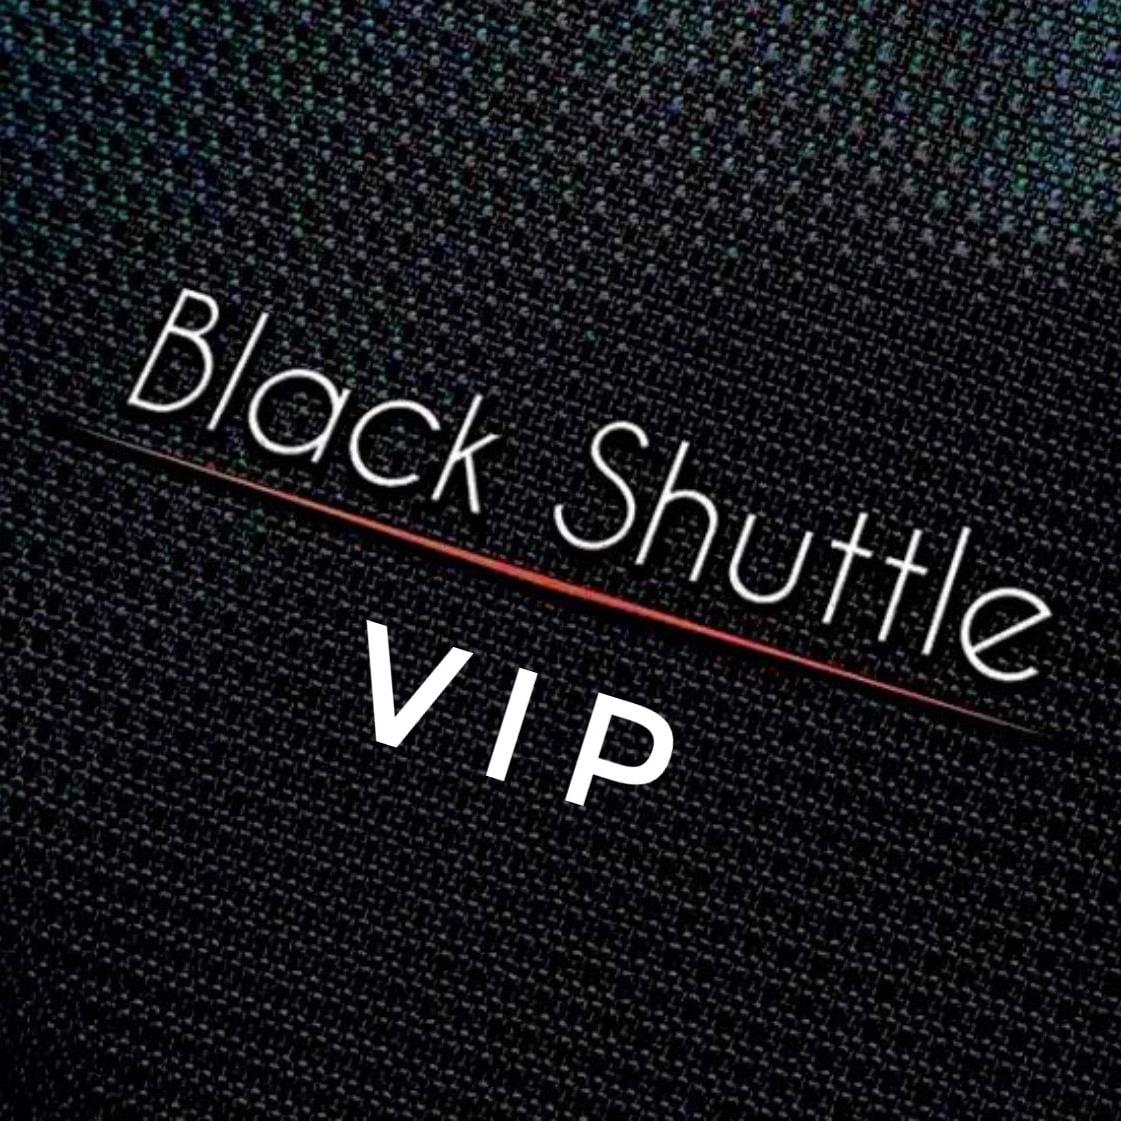 Black Shuttle yorumları